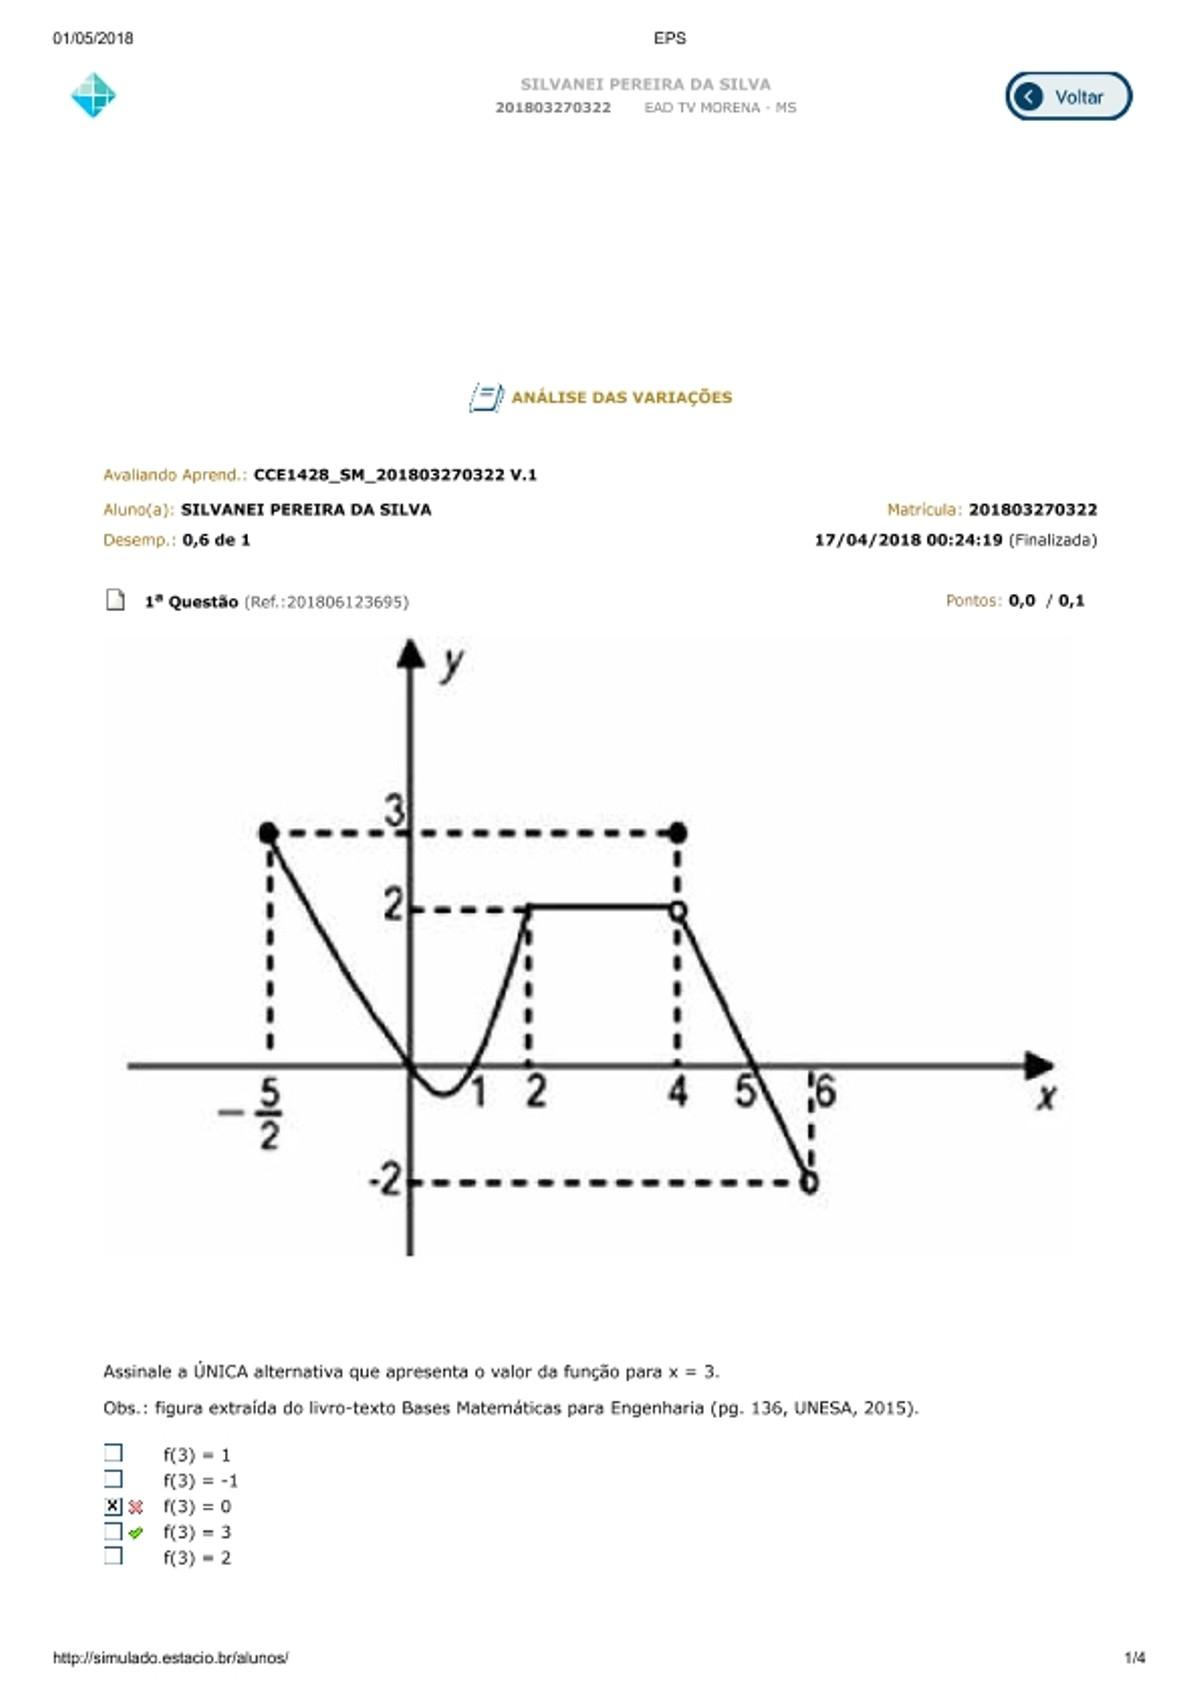 Pre-visualização do material Analise das Variações - página 1